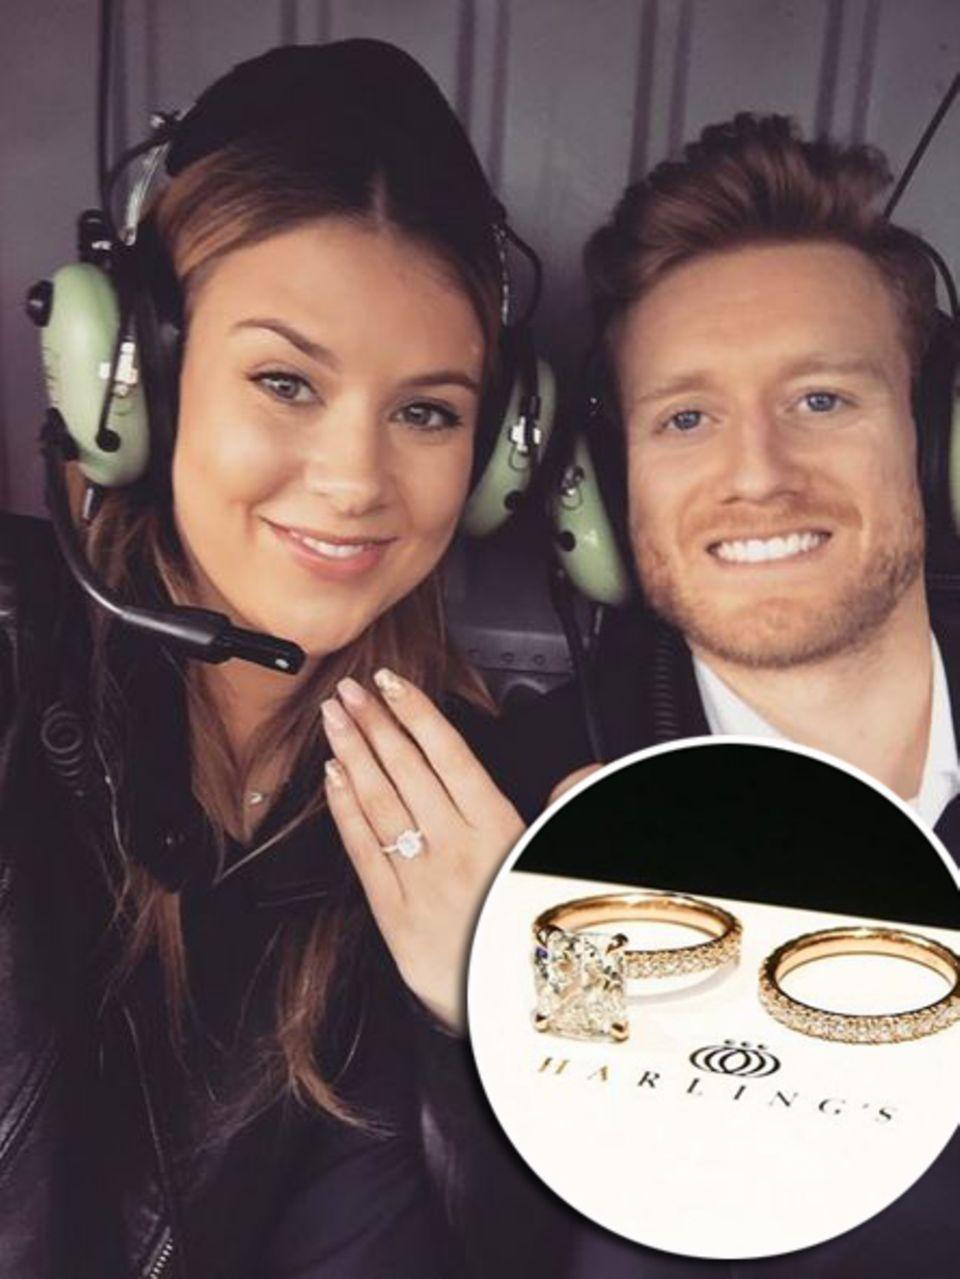 """Montana Yorke darf sich seit dem Jahreswechsel """"Future Mrs. Schürrle"""" nennen. Da steckt ihr nämlich der Star-Kicker Andre Schürrle diesen besonderen Ring an den Finger. Ein Schmuckstück, designt nach ihren Vorstellungen. Nachdem sie ihrem Liebsten anvertraut hat, dass sie sich einen rechteckigen Stein auf einem Diamantring vorstellt, sucht dieser den Juwelier """"Harling's"""" auf und lässt ihr das Einzelstück von Designer Chris anfertigen."""